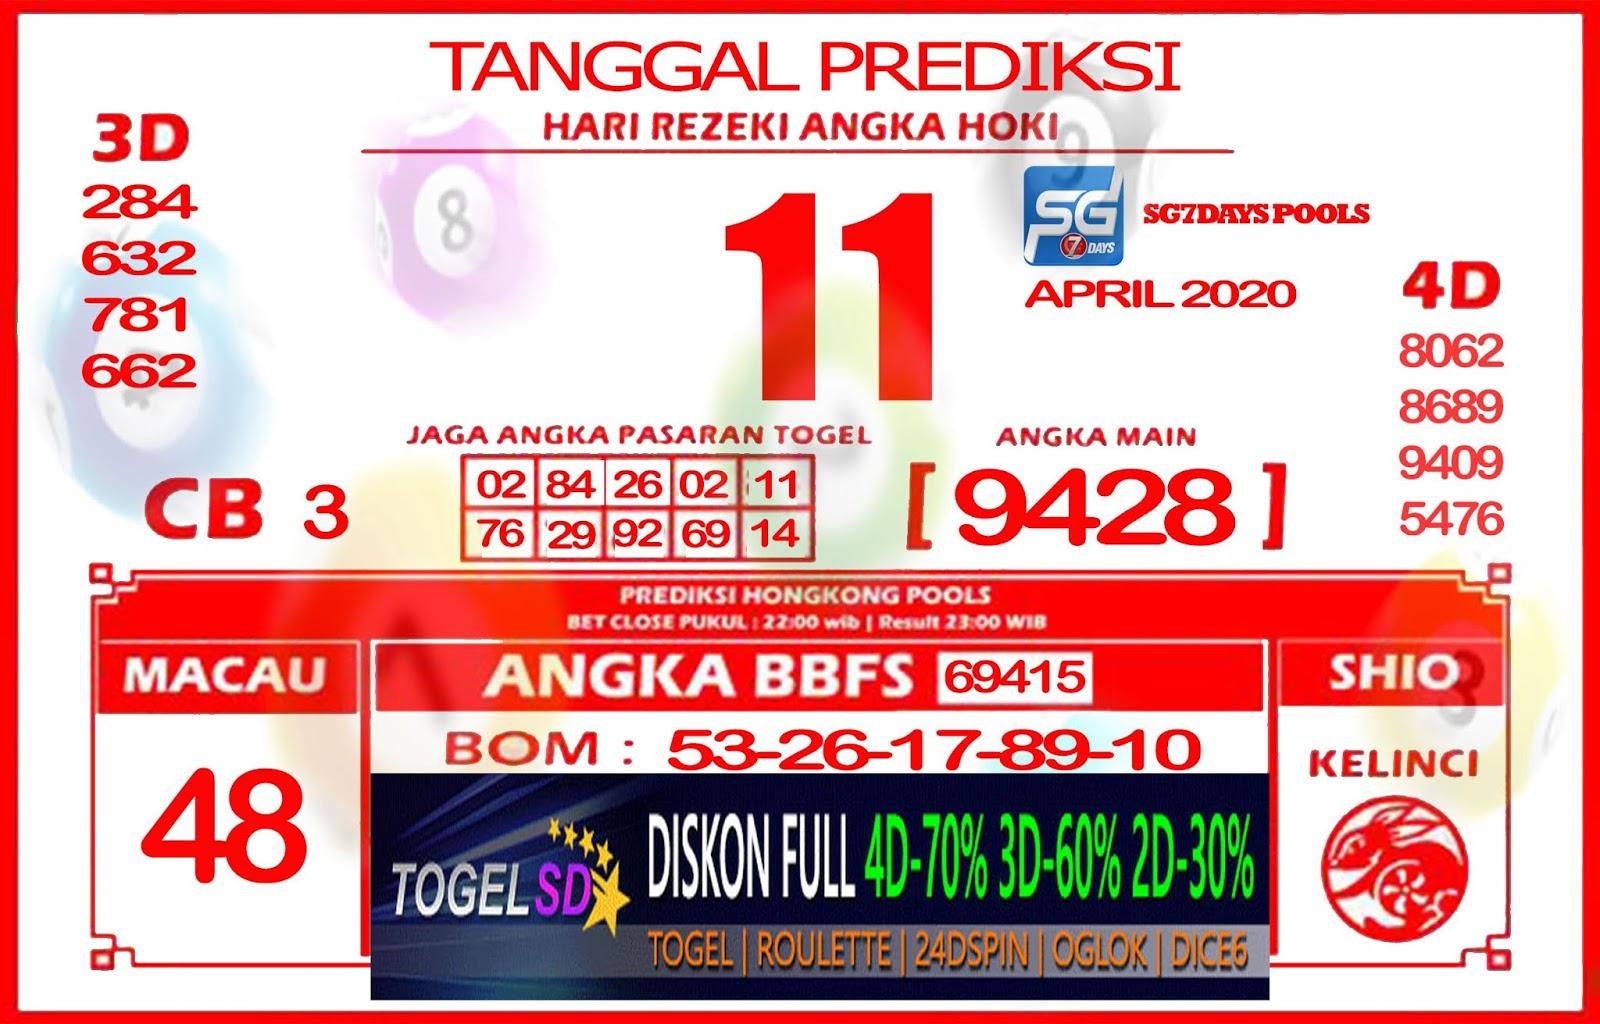 Prediksi HK Malam Ini Sabtu 11 April 2020 - Prediksi Togel SD